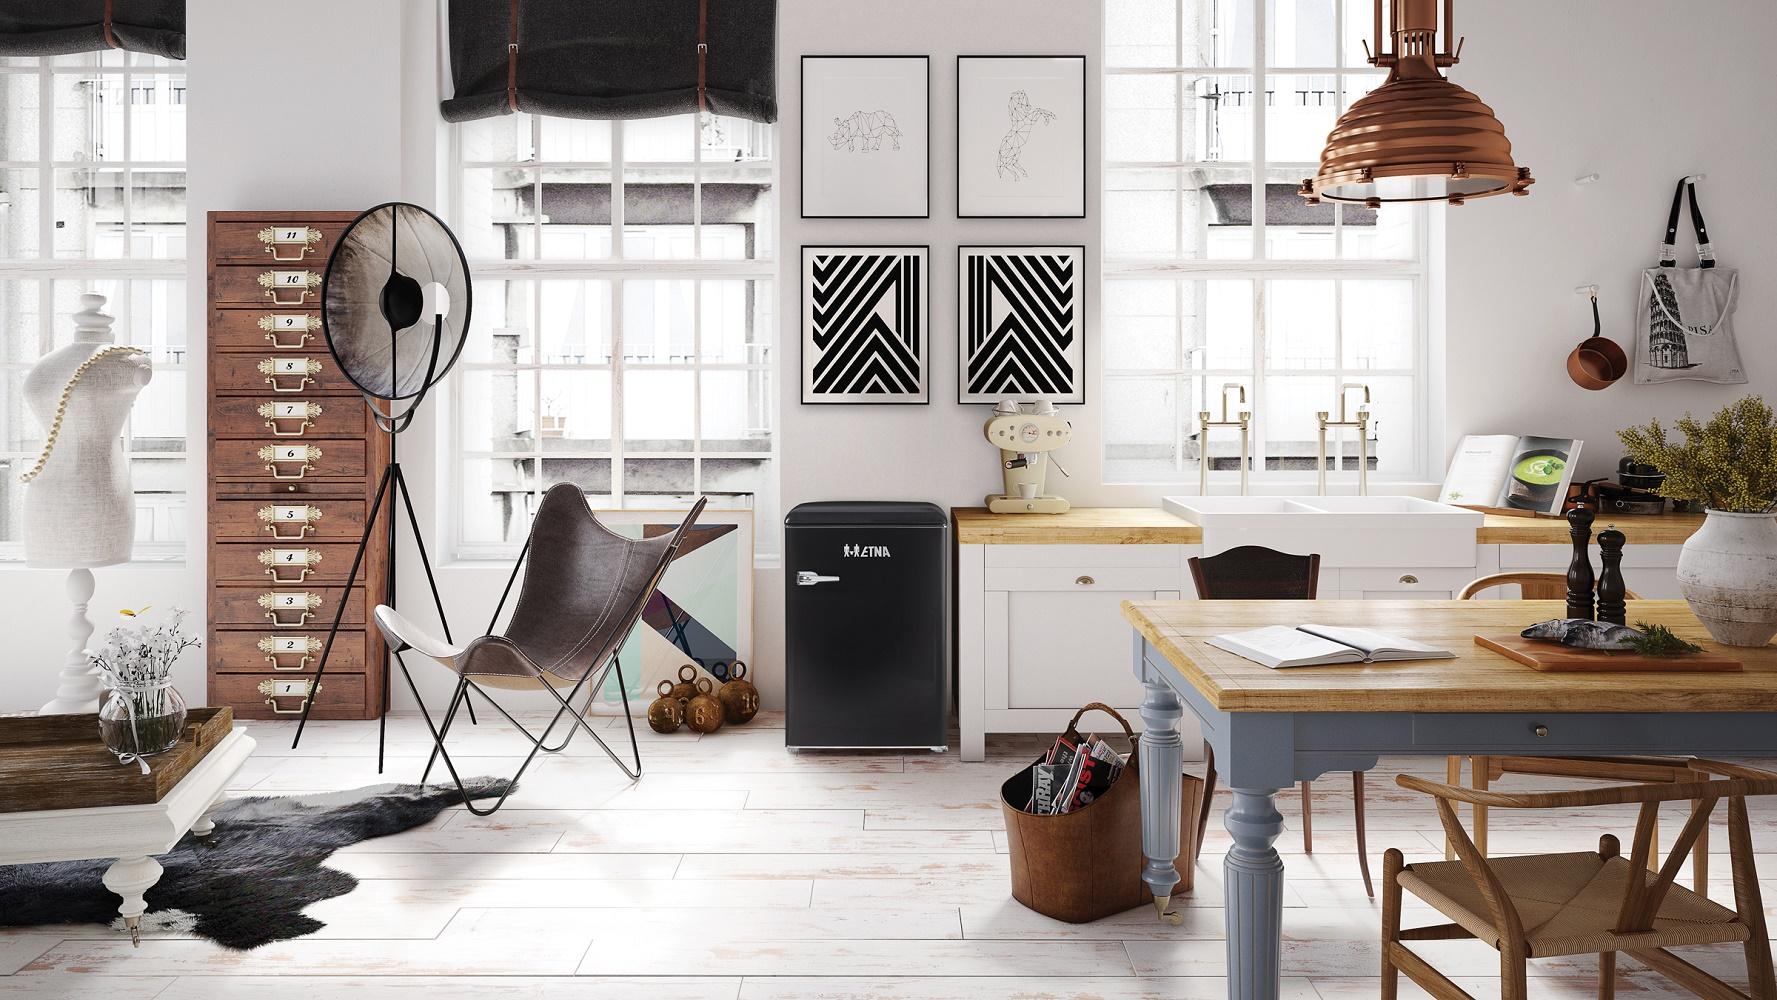 Retro Design Keuken : Happy home deze etna retro koellijn geeft de keuken kleur